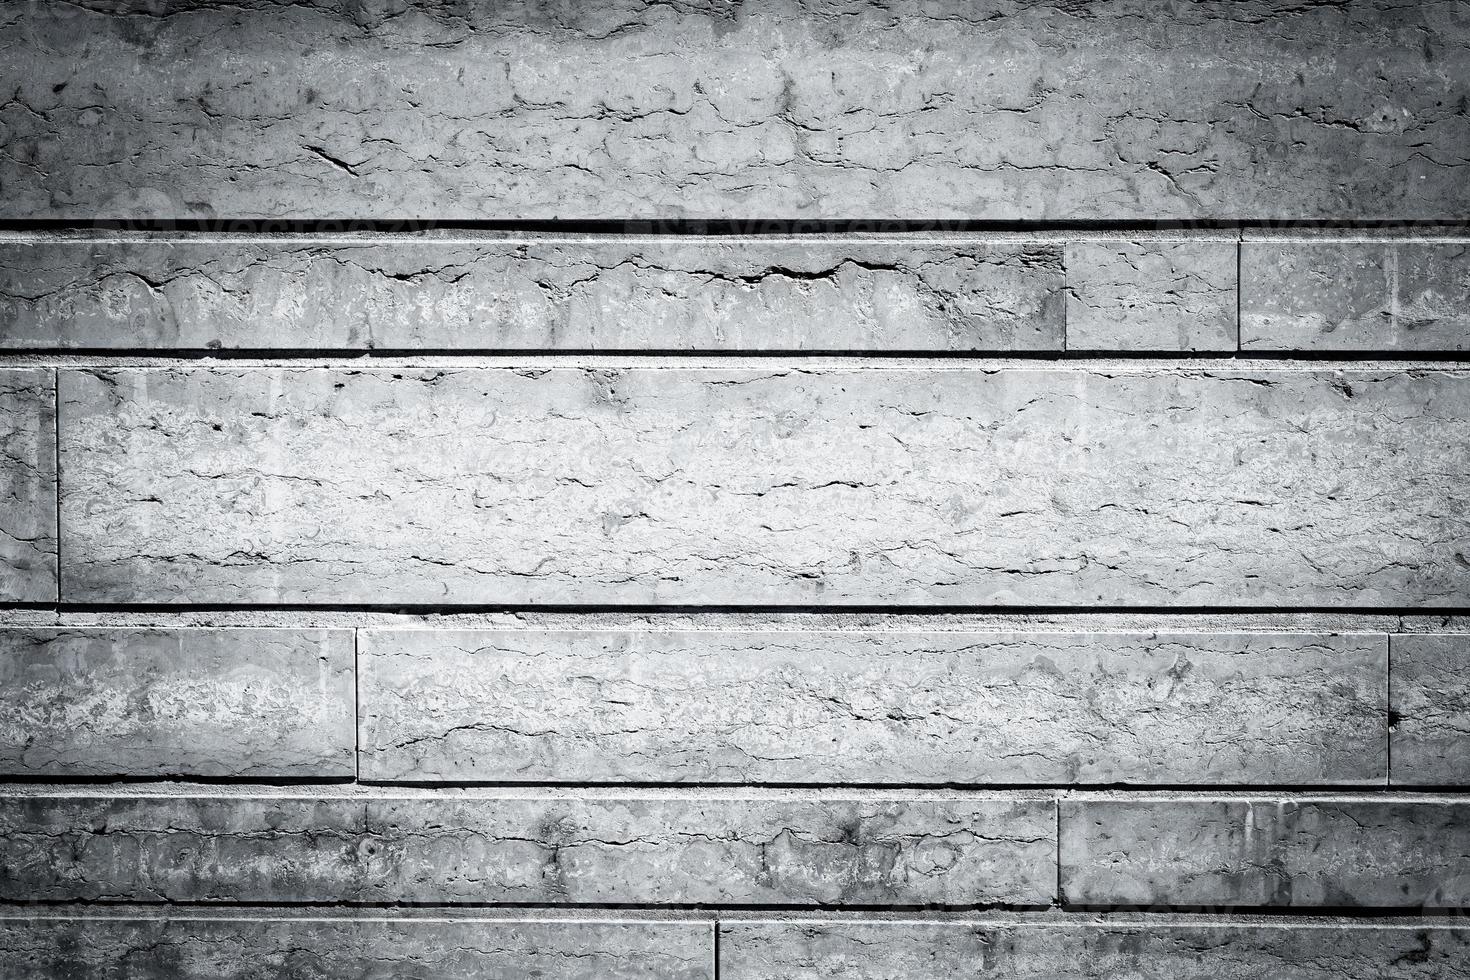 struttura del muro di pietra grigia foto